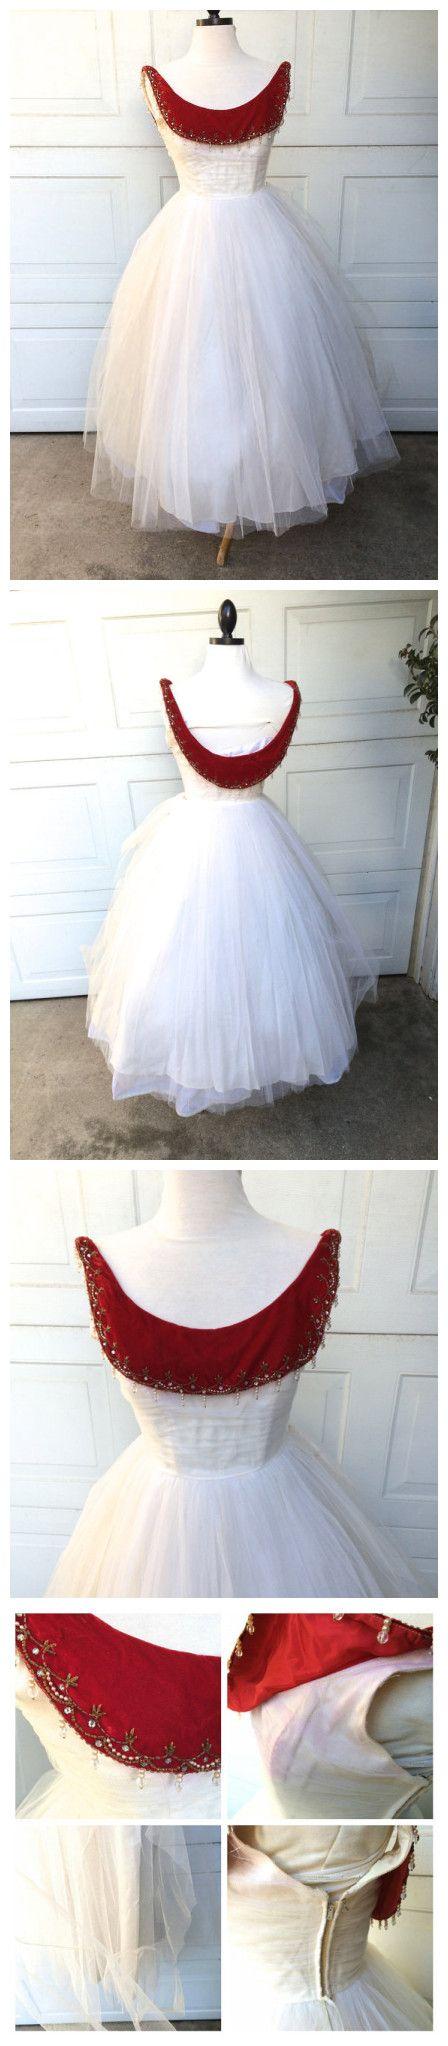 Aline scoop short prom dress burgundy white tea length prom dresses